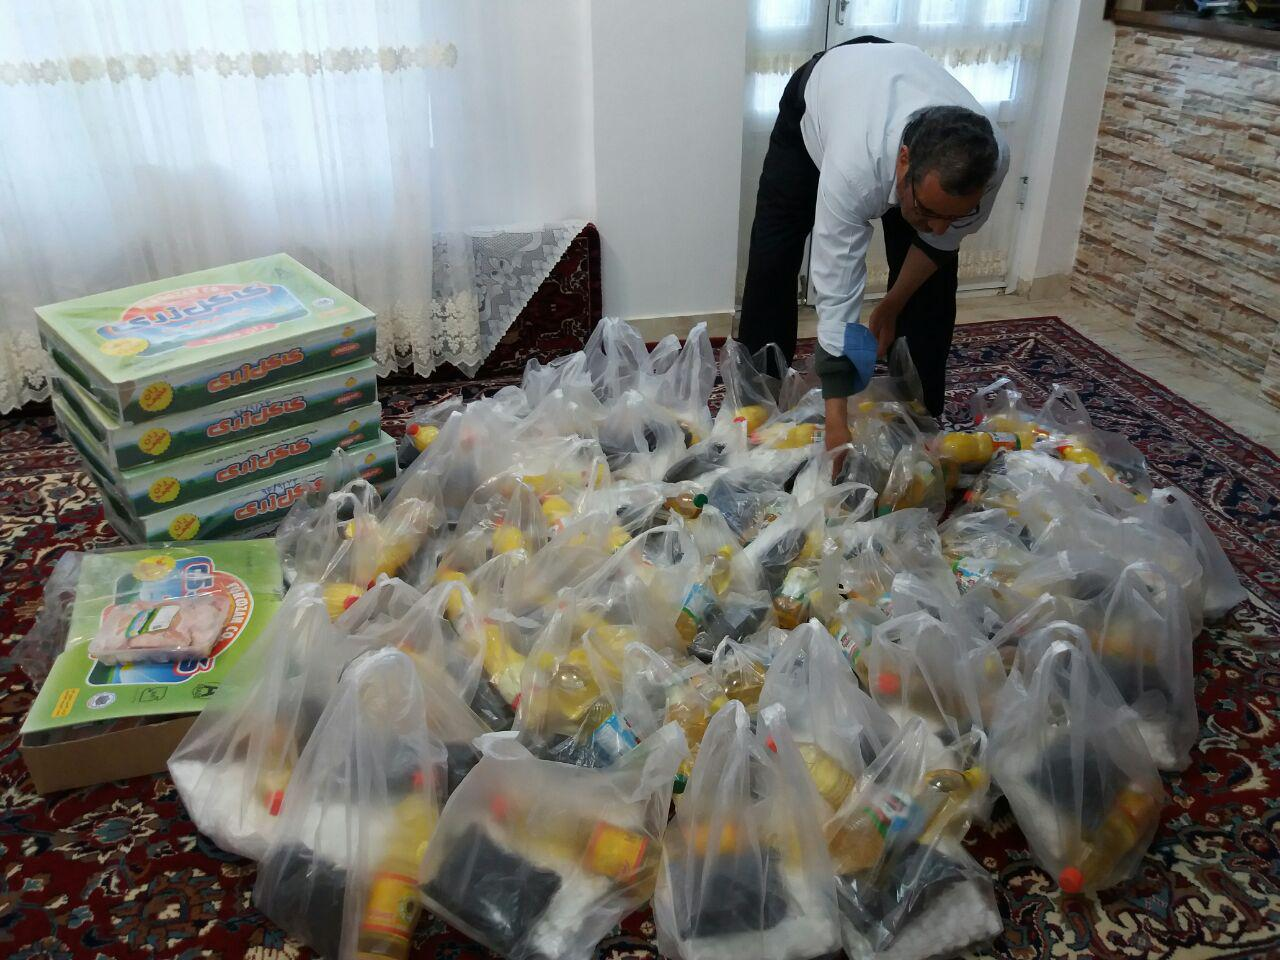 توزیع ۶۰ بسته غذایی بین خانواده های نیازمند توسط